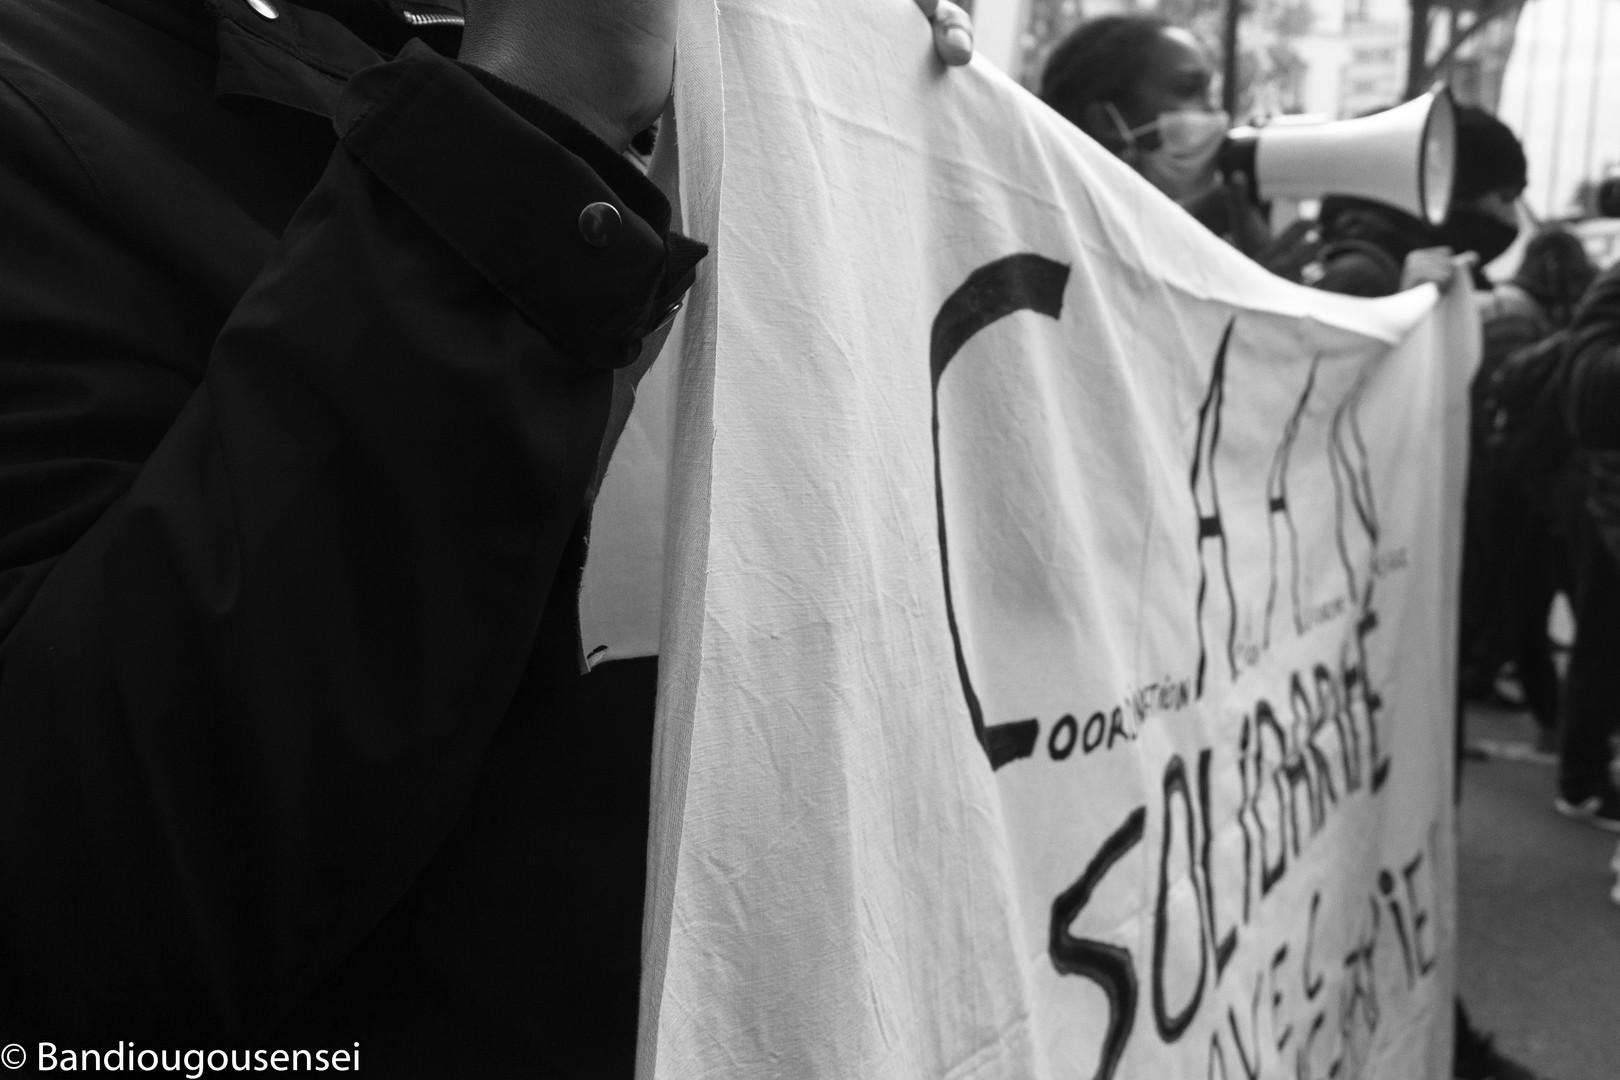 Marche national sans-papier_-35.jpg